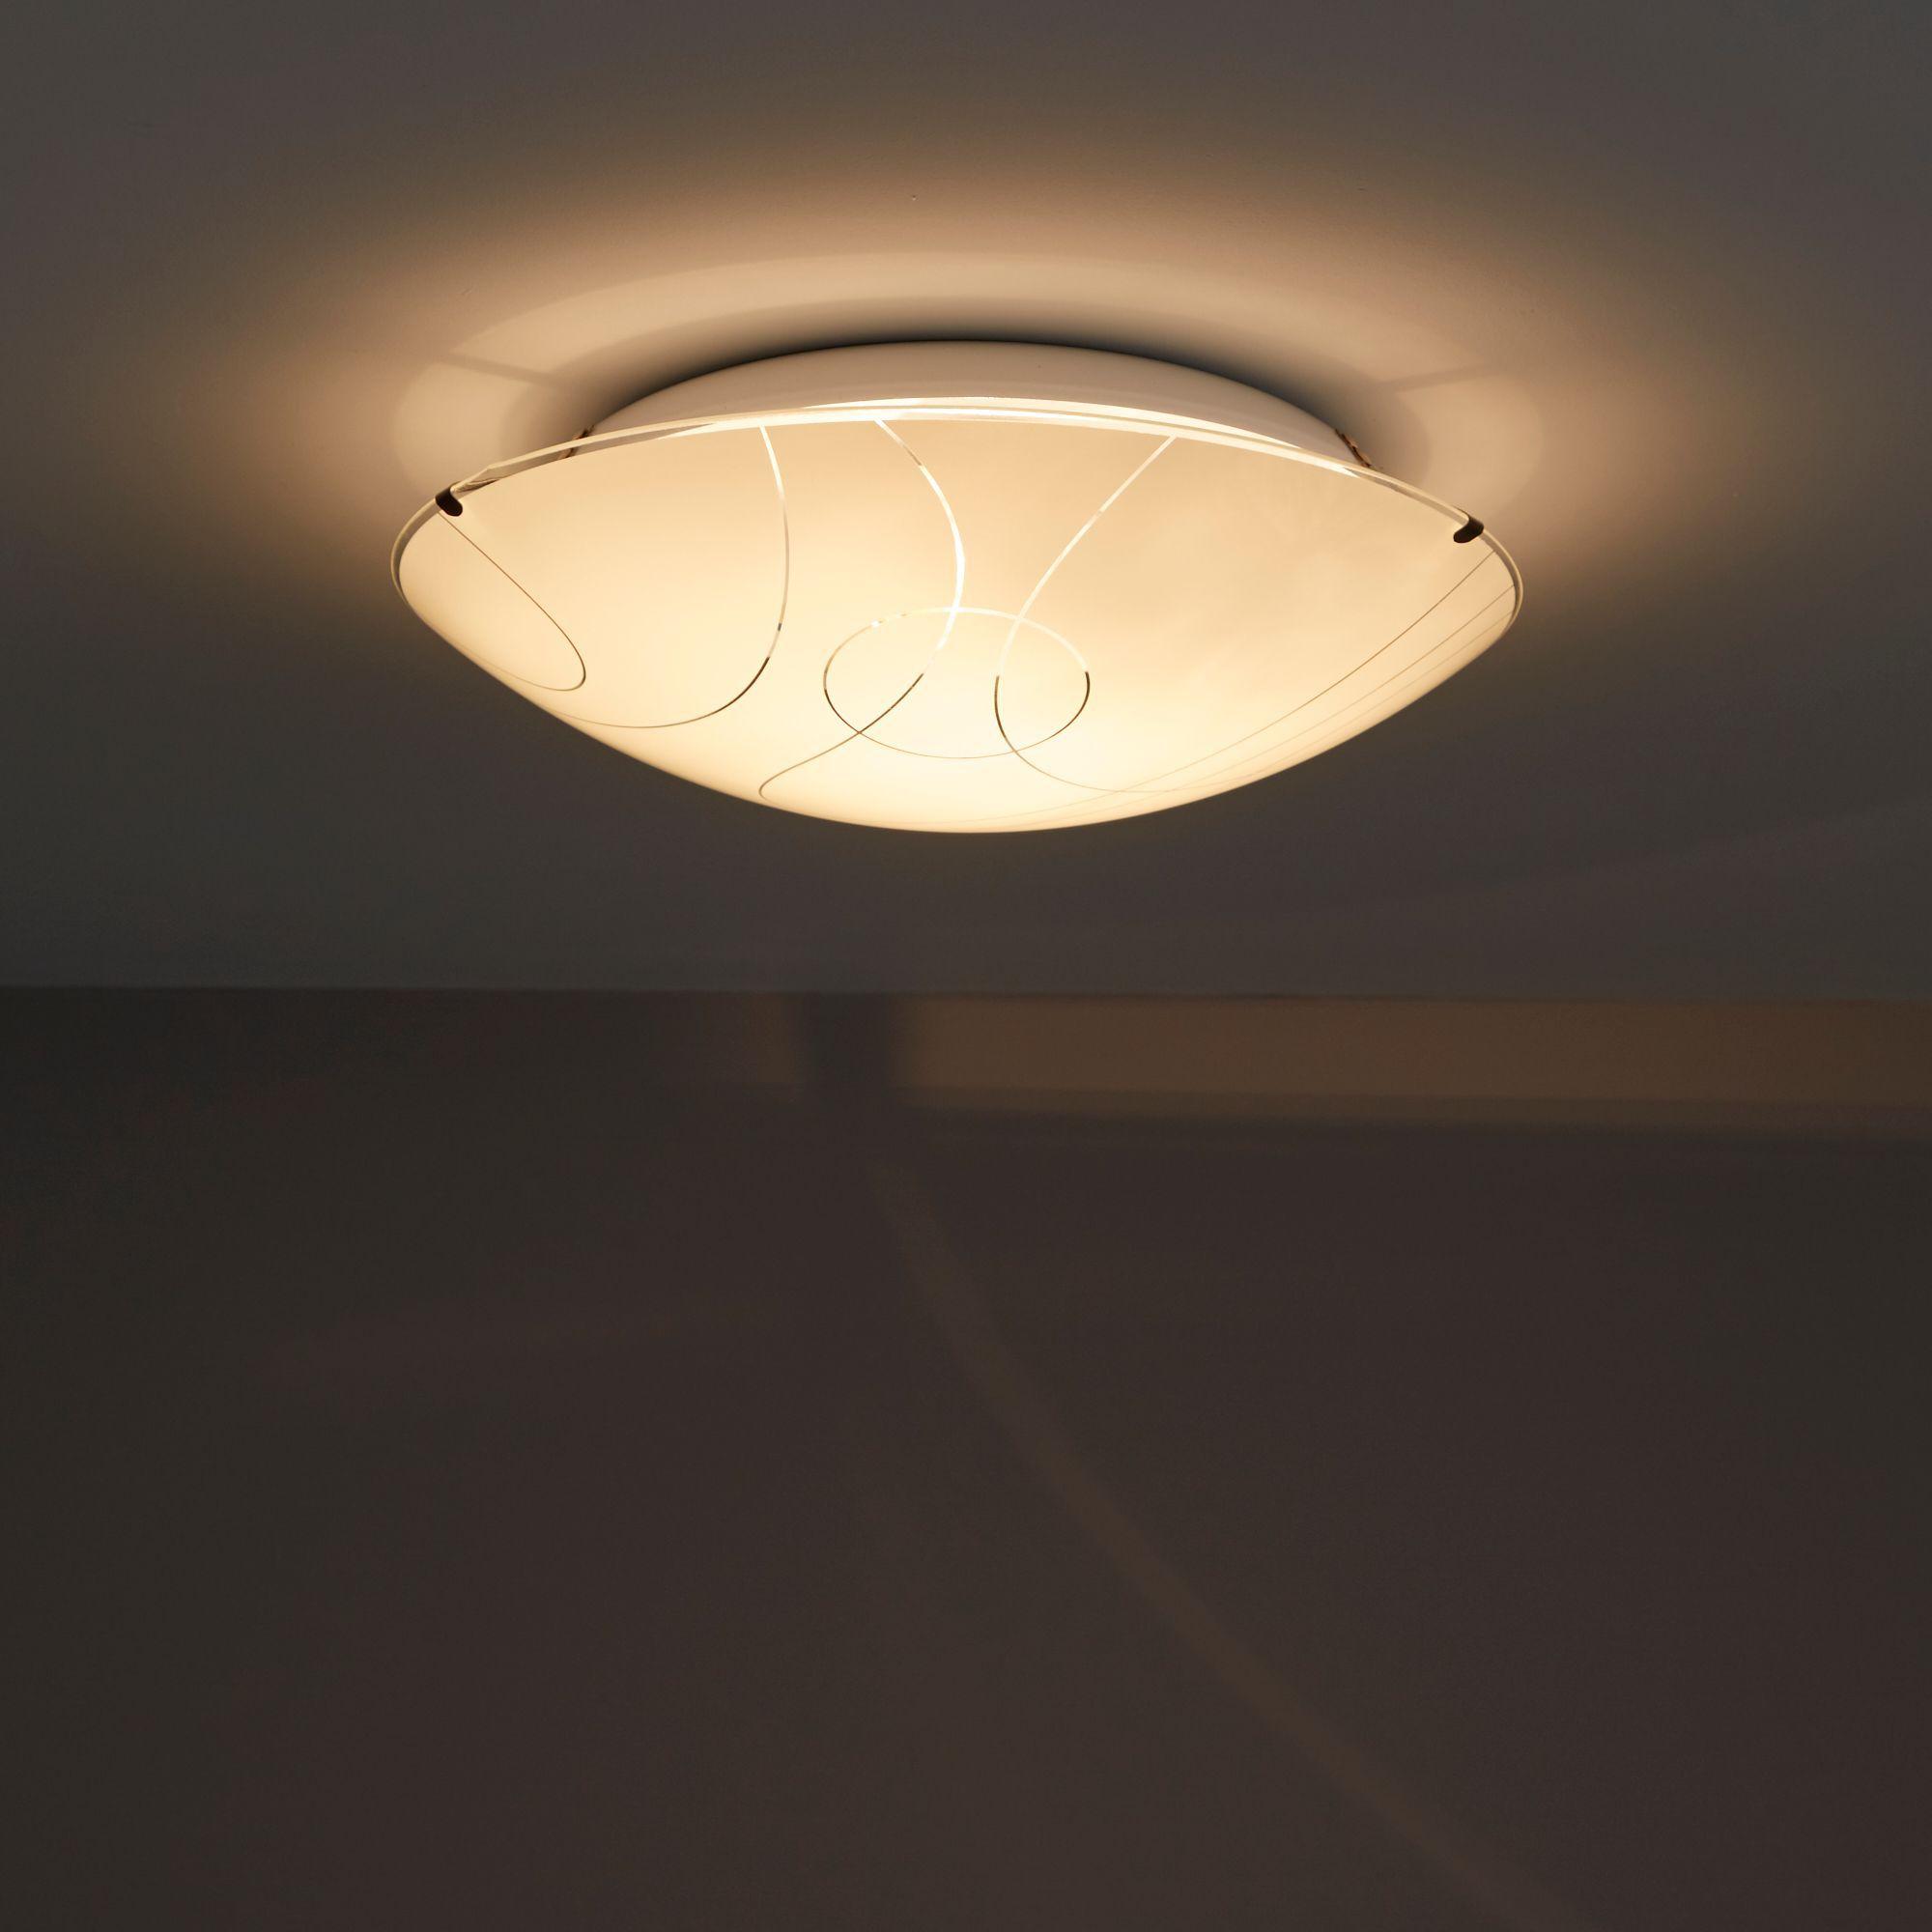 Dius White Ceiling light